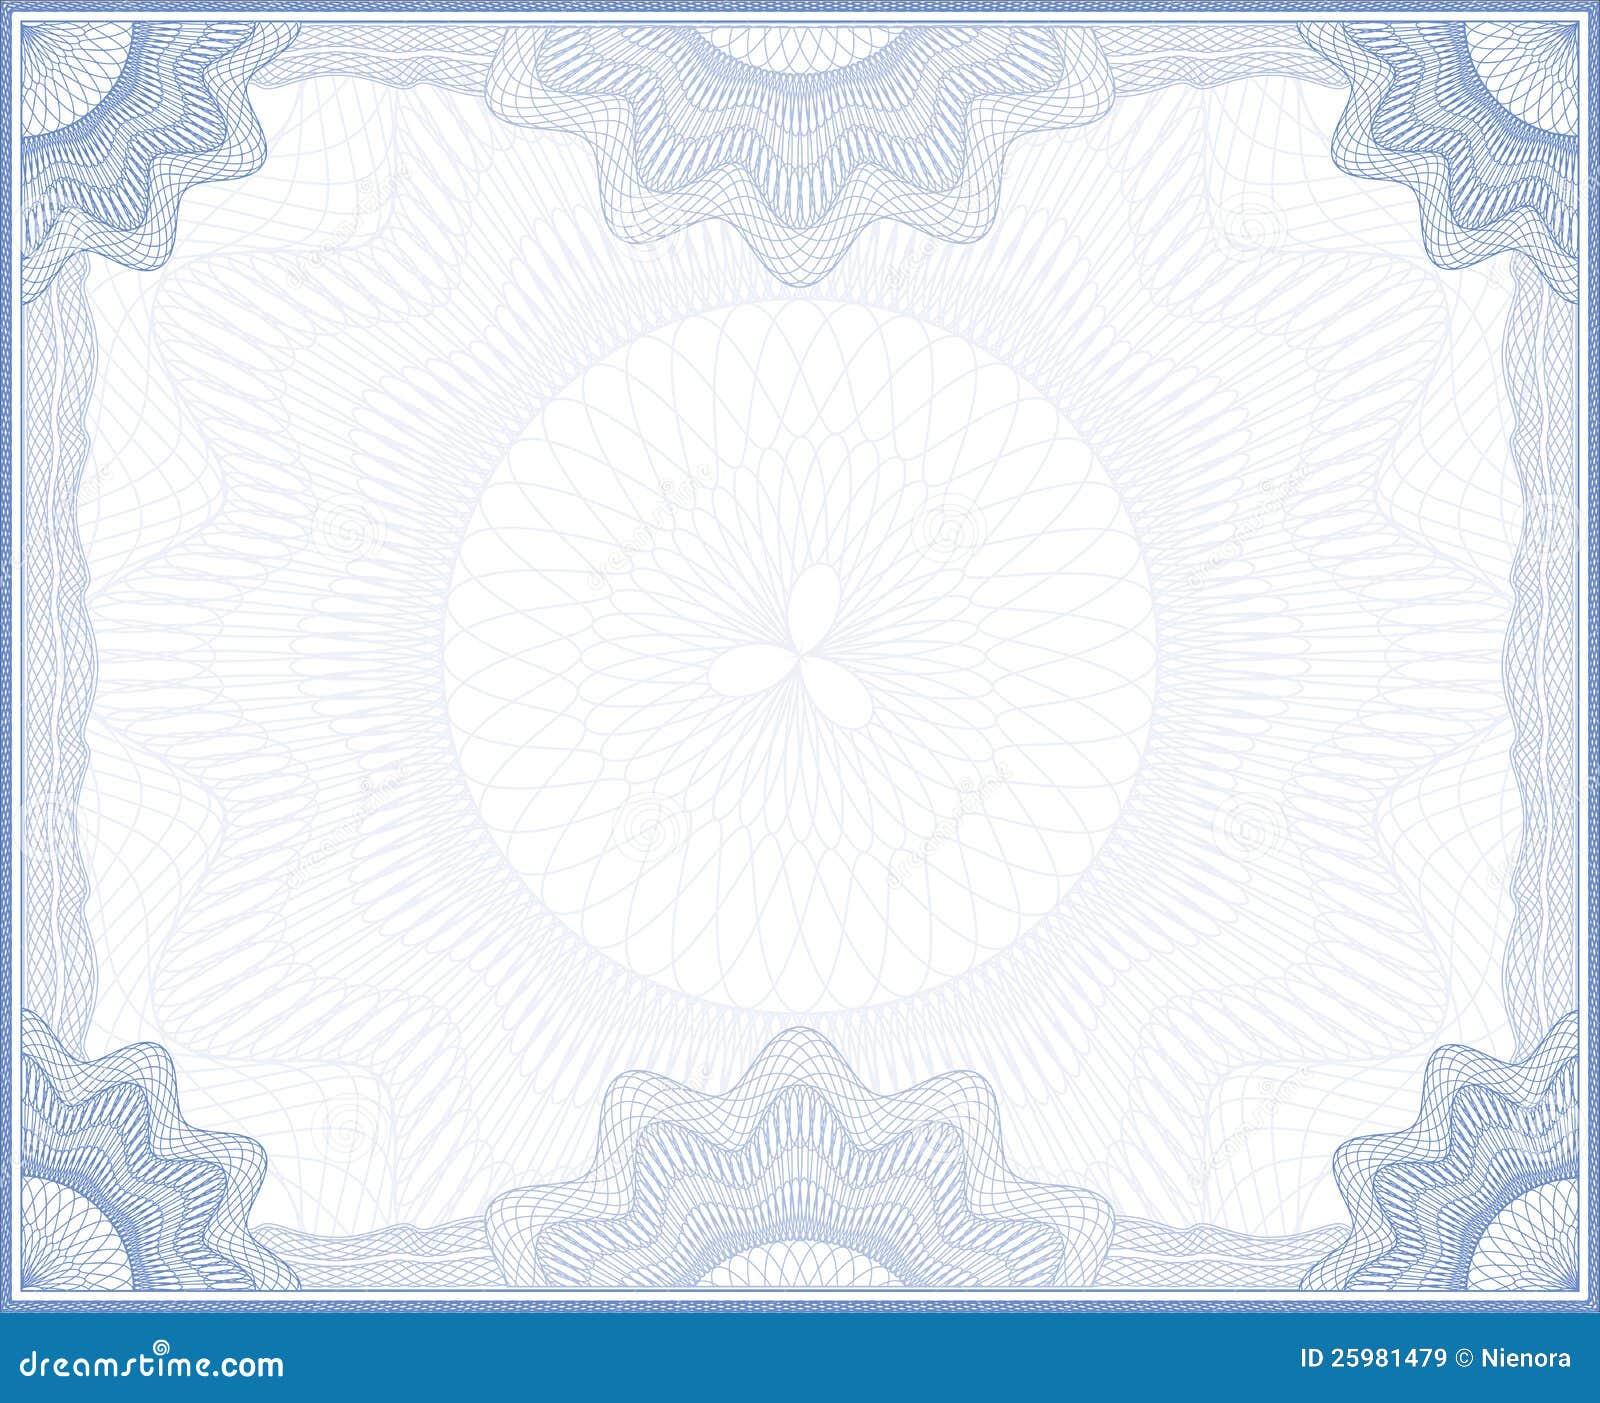 Рамка guilloche иллюстрация вектора изображение насчитывающей  Рамка guilloche